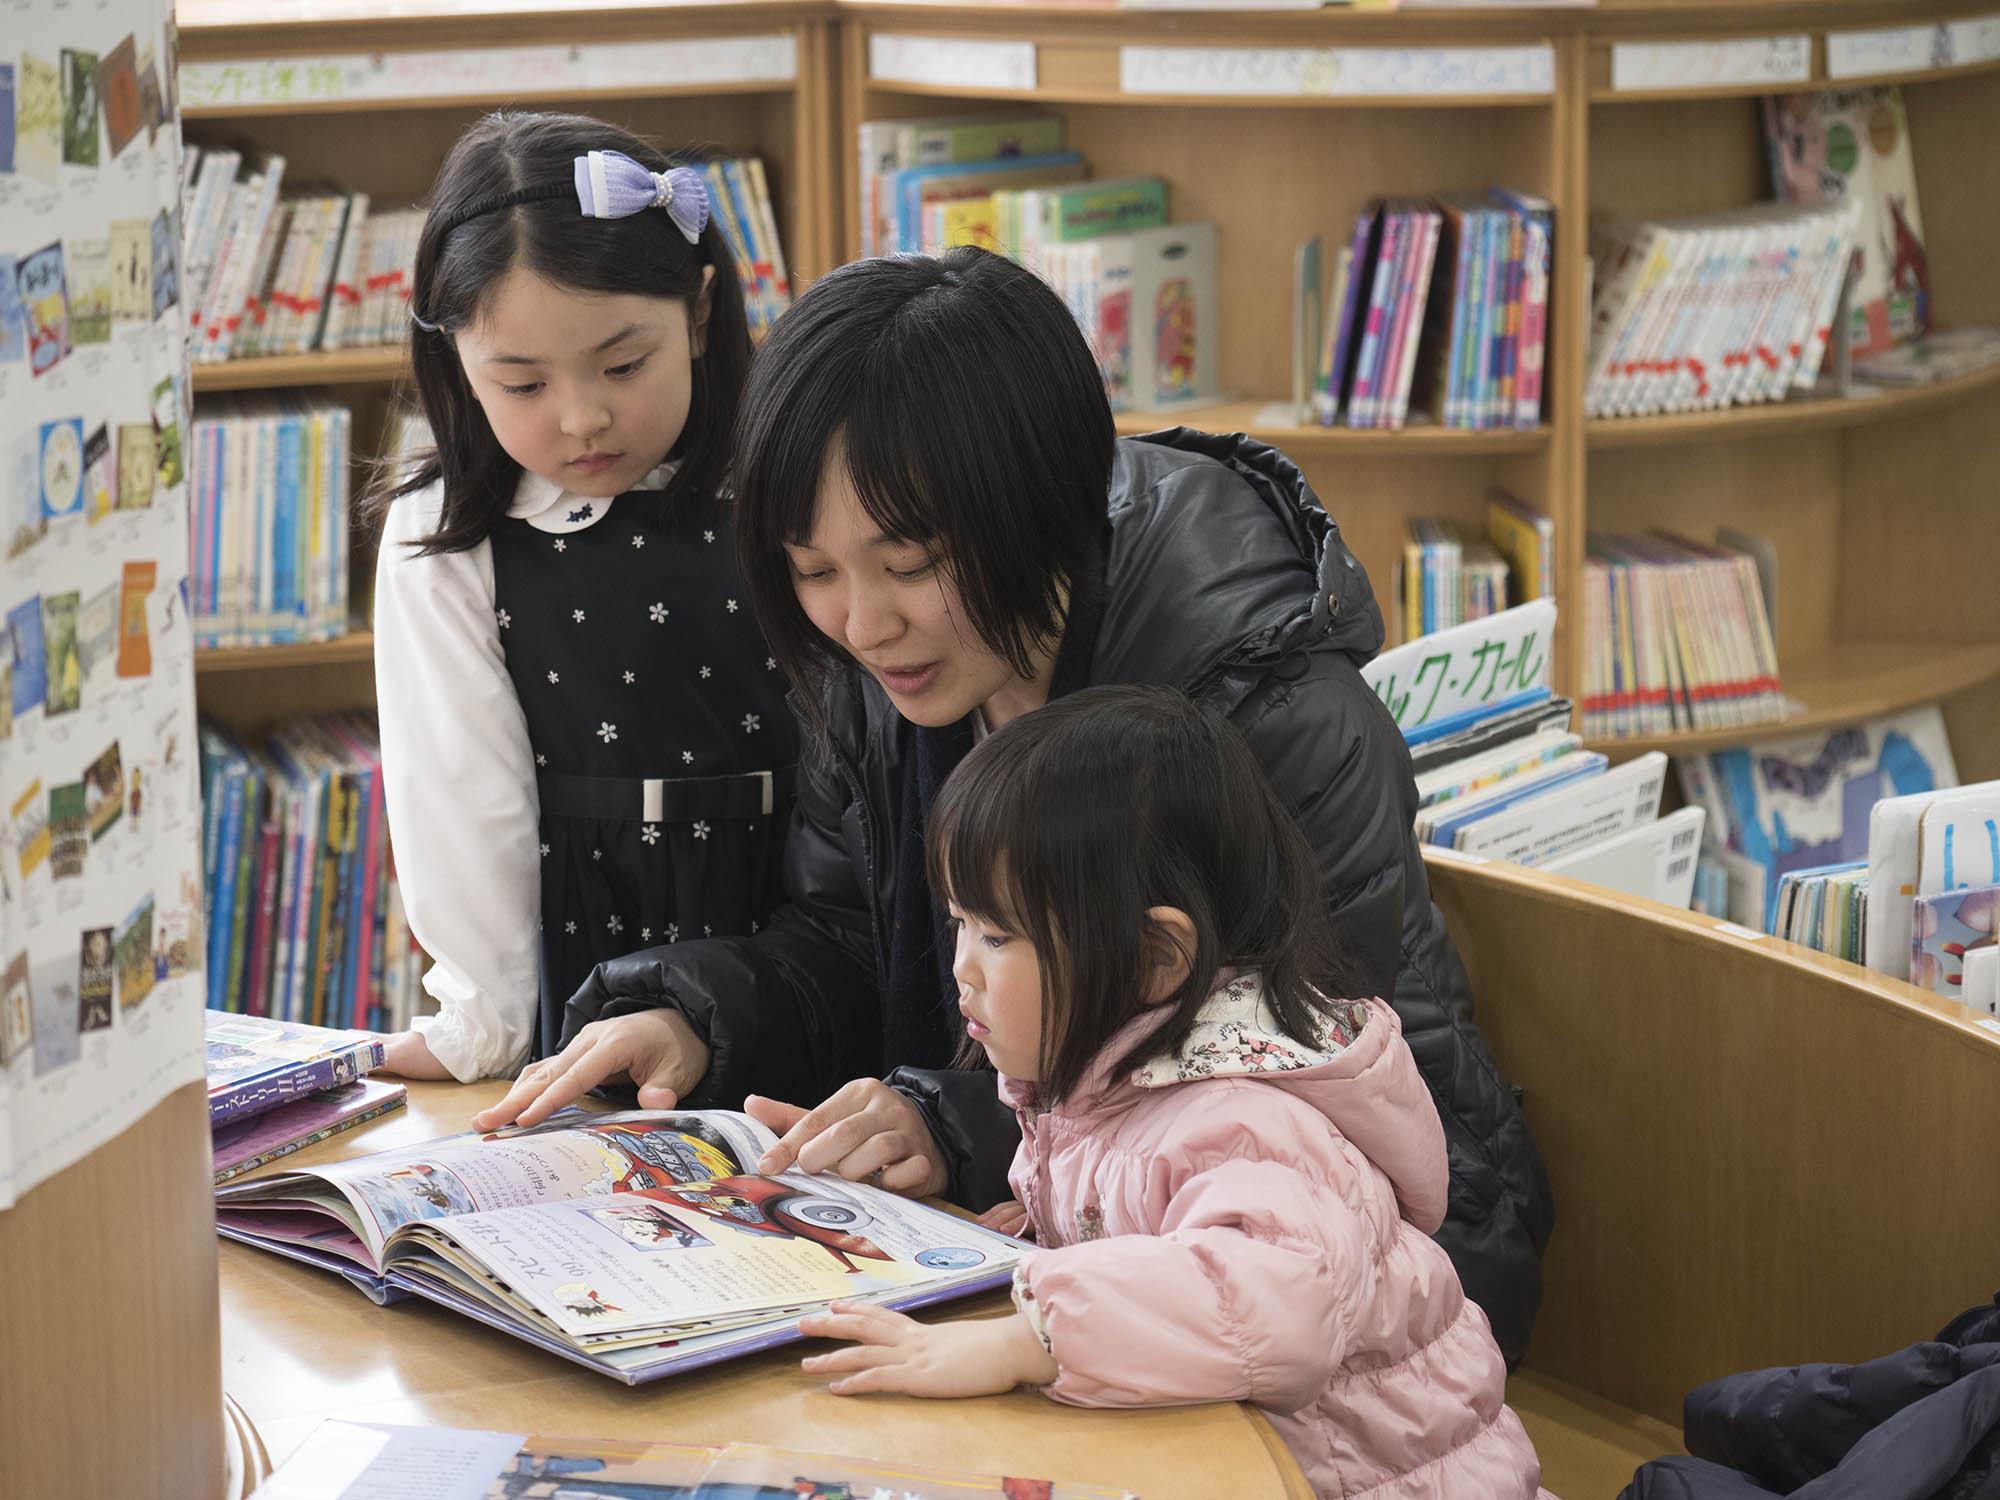 図書室を利用しているお母さんと二人の娘さん